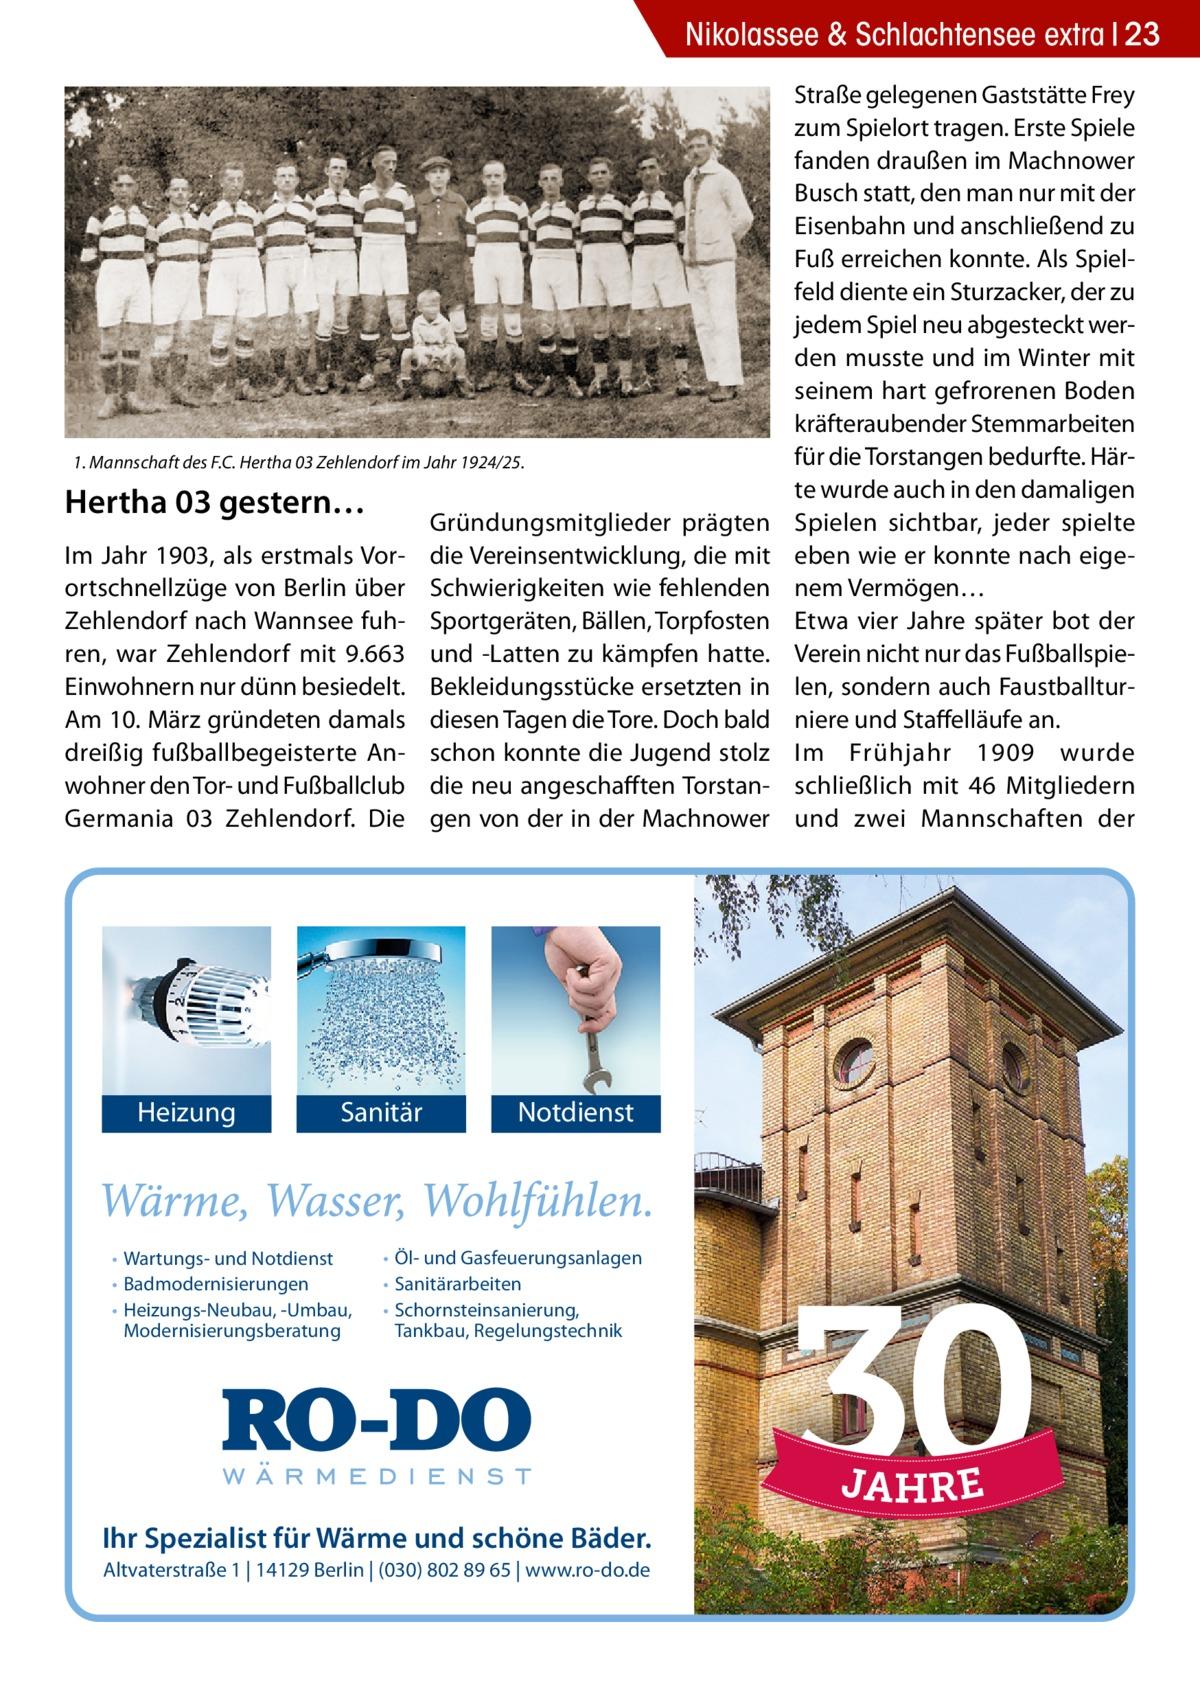 Nikolassee & Schlachtensee extra 23  1. Mannschaft des F.C. Hertha03 Zehlendorf im Jahr 1924/25.  Hertha03 gestern… Im Jahr 1903, als erstmals Vorortschnellzüge von Berlin über Zehlendorf nach Wannsee fuhren, war Zehlendorf mit 9.663 Einwohnern nur dünn besiedelt. Am 10.März gründeten damals dreißig fußballbegeisterte Anwohner den Tor- und Fußballclub Germania 03 Zehlendorf. Die  Heizung  Sanitär  • Wartungs- und Notdienst • Badmodernisierungen • Heizungs-Neubau, -Umbau, Modernisierungsberatung  Gründungsmitglieder prägten die Vereinsentwicklung, die mit Schwierigkeiten wie fehlenden Sportgeräten, Bällen, Torpfosten und -Latten zu kämpfen hatte. Bekleidungsstücke ersetzten in diesen Tagen die Tore. Doch bald schon konnte die Jugend stolz die neu angeschafften Torstangen von der in der Machnower  Notdienst  • Öl- und Gasfeuerungsanlagen • Sanitärarbeiten • Schornsteinsanierung, Tankbau, Regelungstechnik  Ihr Spezialist für Wärme und schöne Bäder. Altvaterstraße 1   14129 Berlin   (030) 802 89 65   www.ro-do.de  Straße gelegenen Gaststätte Frey zum Spielort tragen. Erste Spiele fanden draußen im Machnower Busch statt, den man nur mit der Eisenbahn und anschließend zu Fuß erreichen konnte. Als Spielfeld diente ein Sturzacker, der zu jedem Spiel neu abgesteckt werden musste und im Winter mit seinem hart gefrorenen Boden kräfteraubender Stemmarbeiten für die Torstangen bedurfte. Härte wurde auch in den damaligen Spielen sichtbar, jeder spielte eben wie er konnte nach eigenem Vermögen… Etwa vier Jahre später bot der Verein nicht nur das Fußballspielen, sondern auch Faustballturniere und Staffelläufe an. Im Frühjahr 1909 wurde schließlich mit 46 Mitgliedern und zwei Mannschaften der